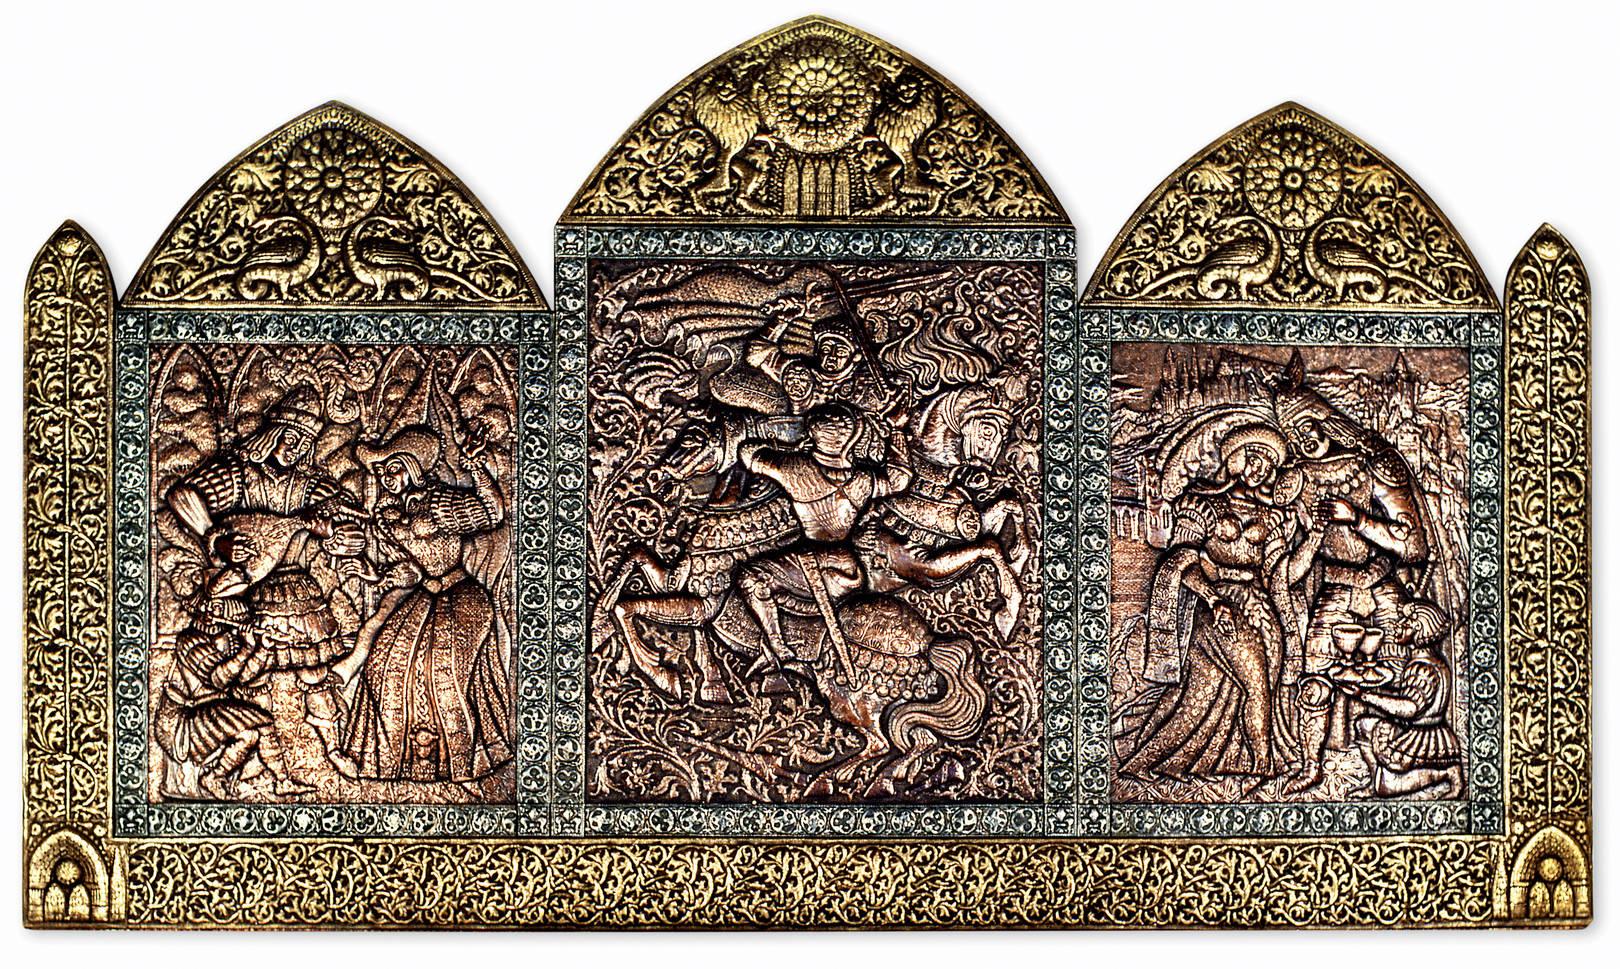 Средневековая баллада (триптих) 1991 г. Медь, латунь, алюминий; чернение. 121х210 см